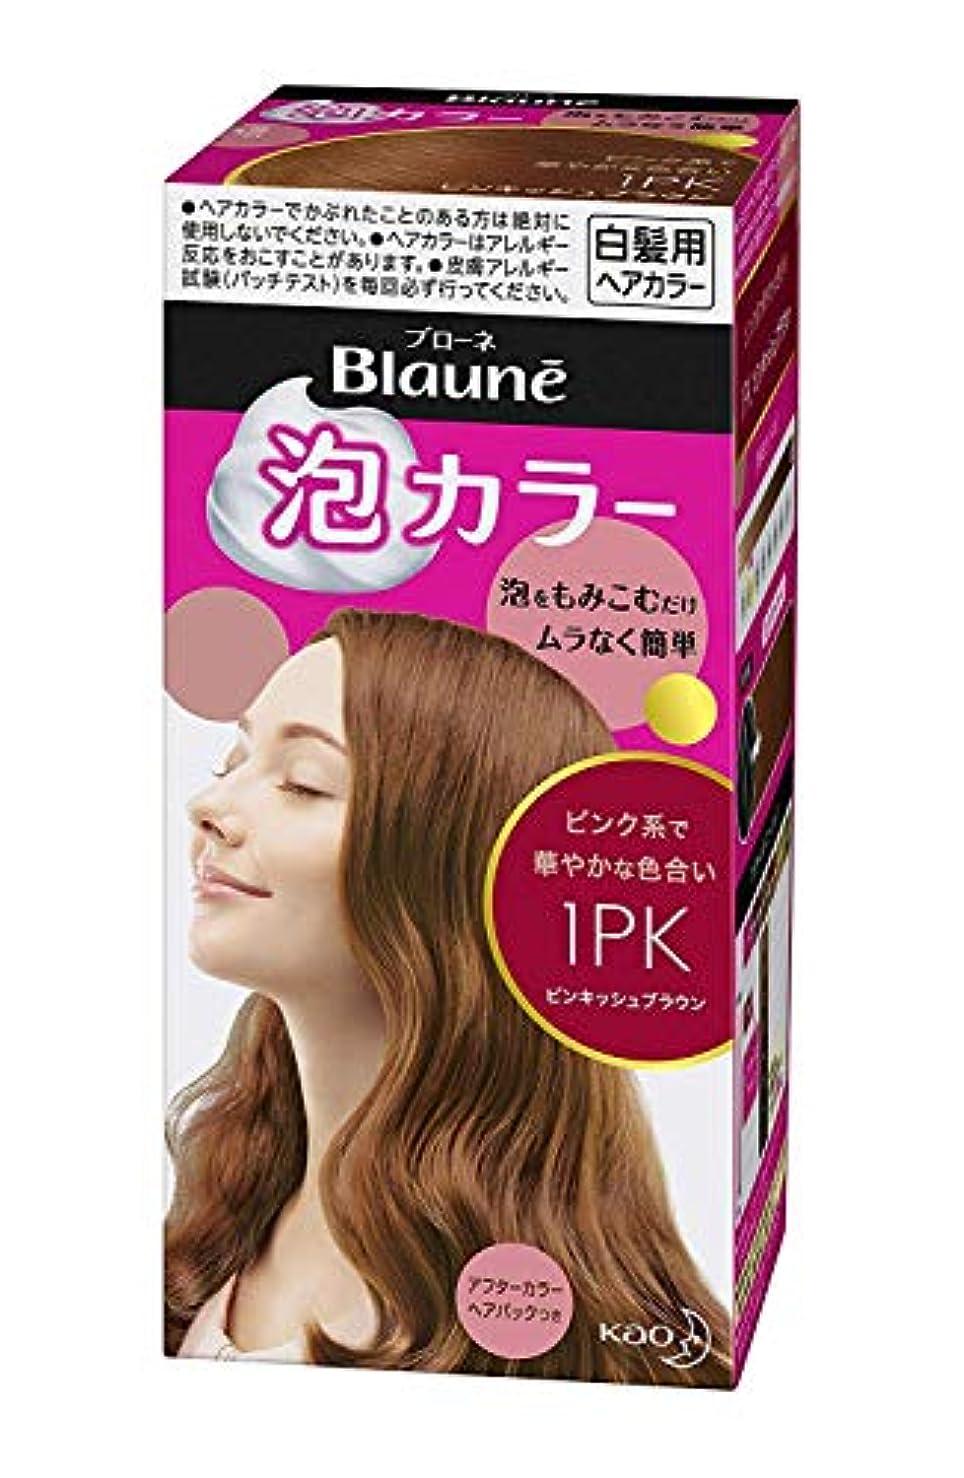 高層ビル美的容量【花王】ブローネ泡カラー 1PK ピンキッシュブラウン 108ml ×20個セット